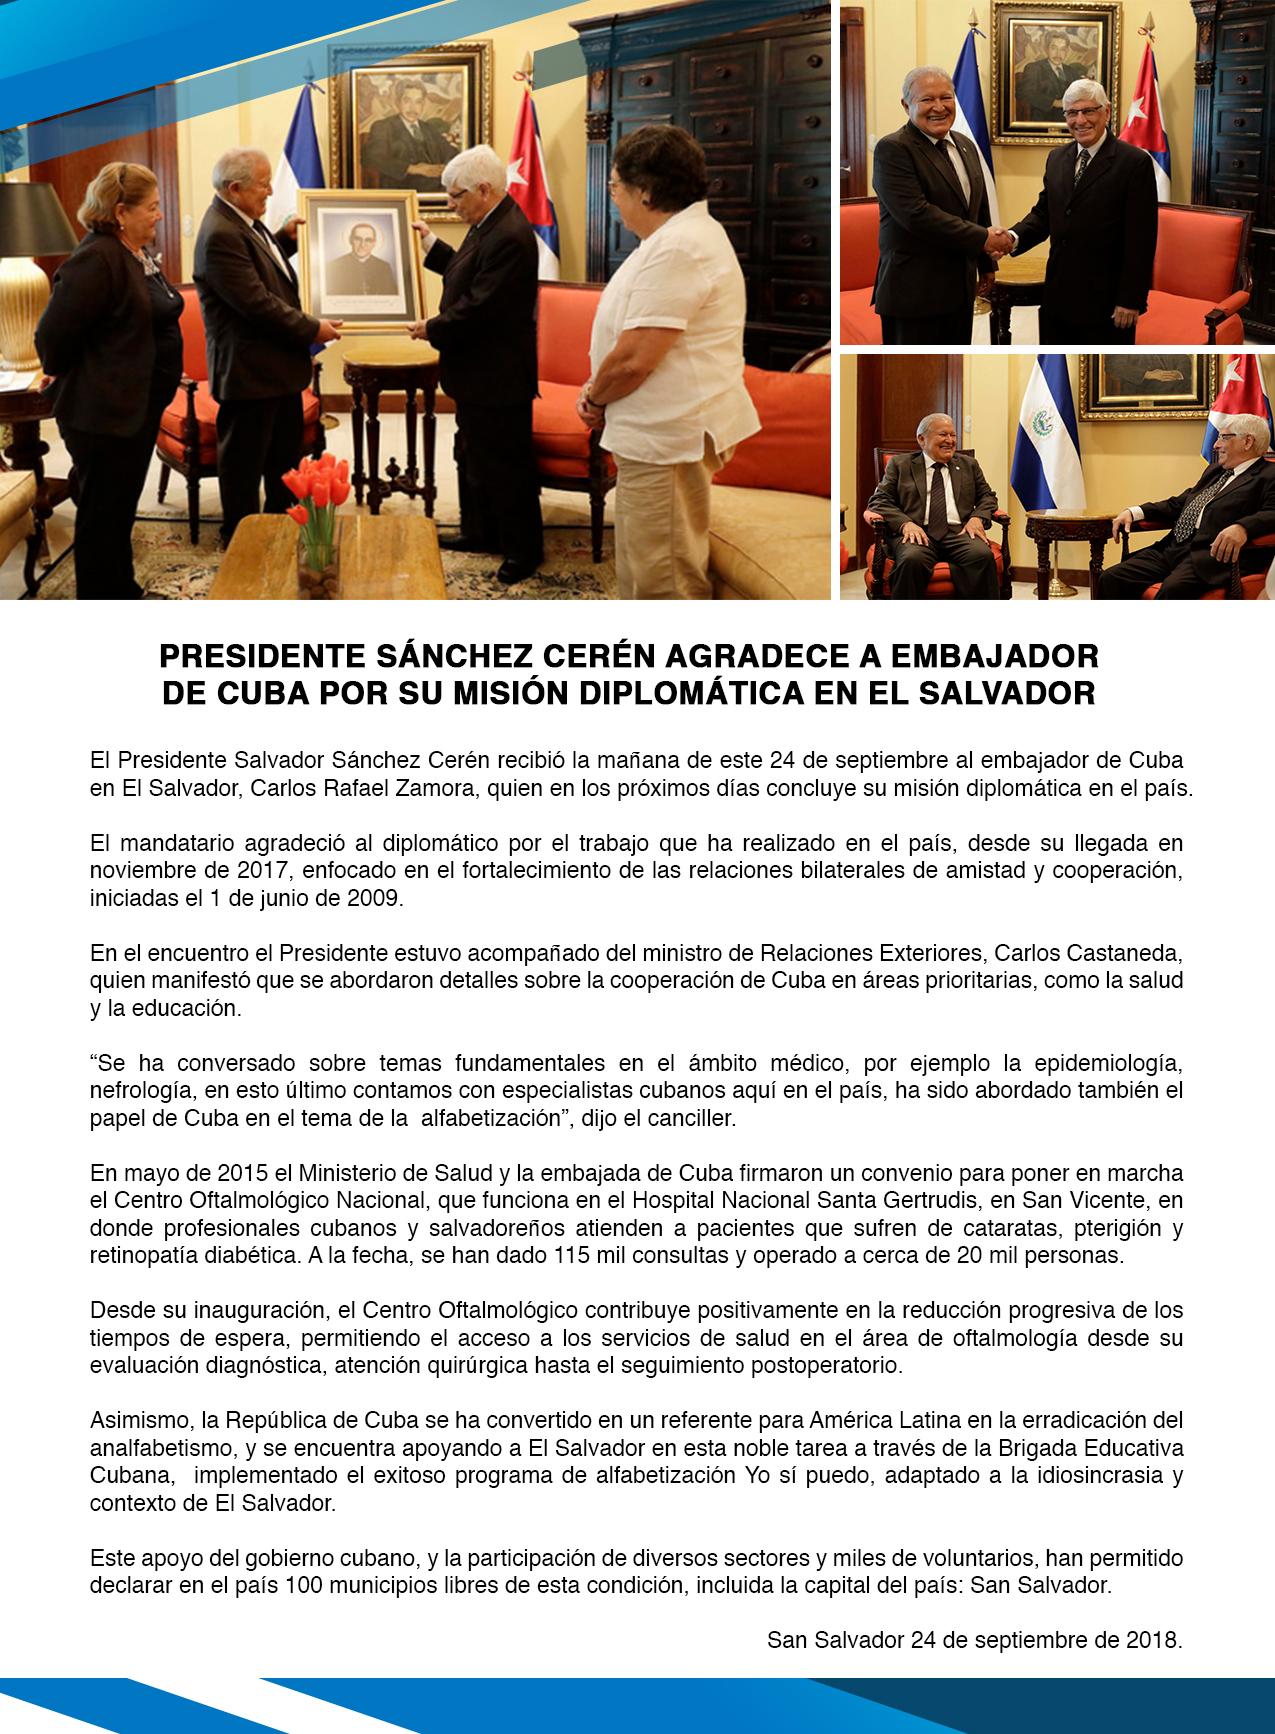 comunicado-agradecimiento-a-embajador-de-cuba